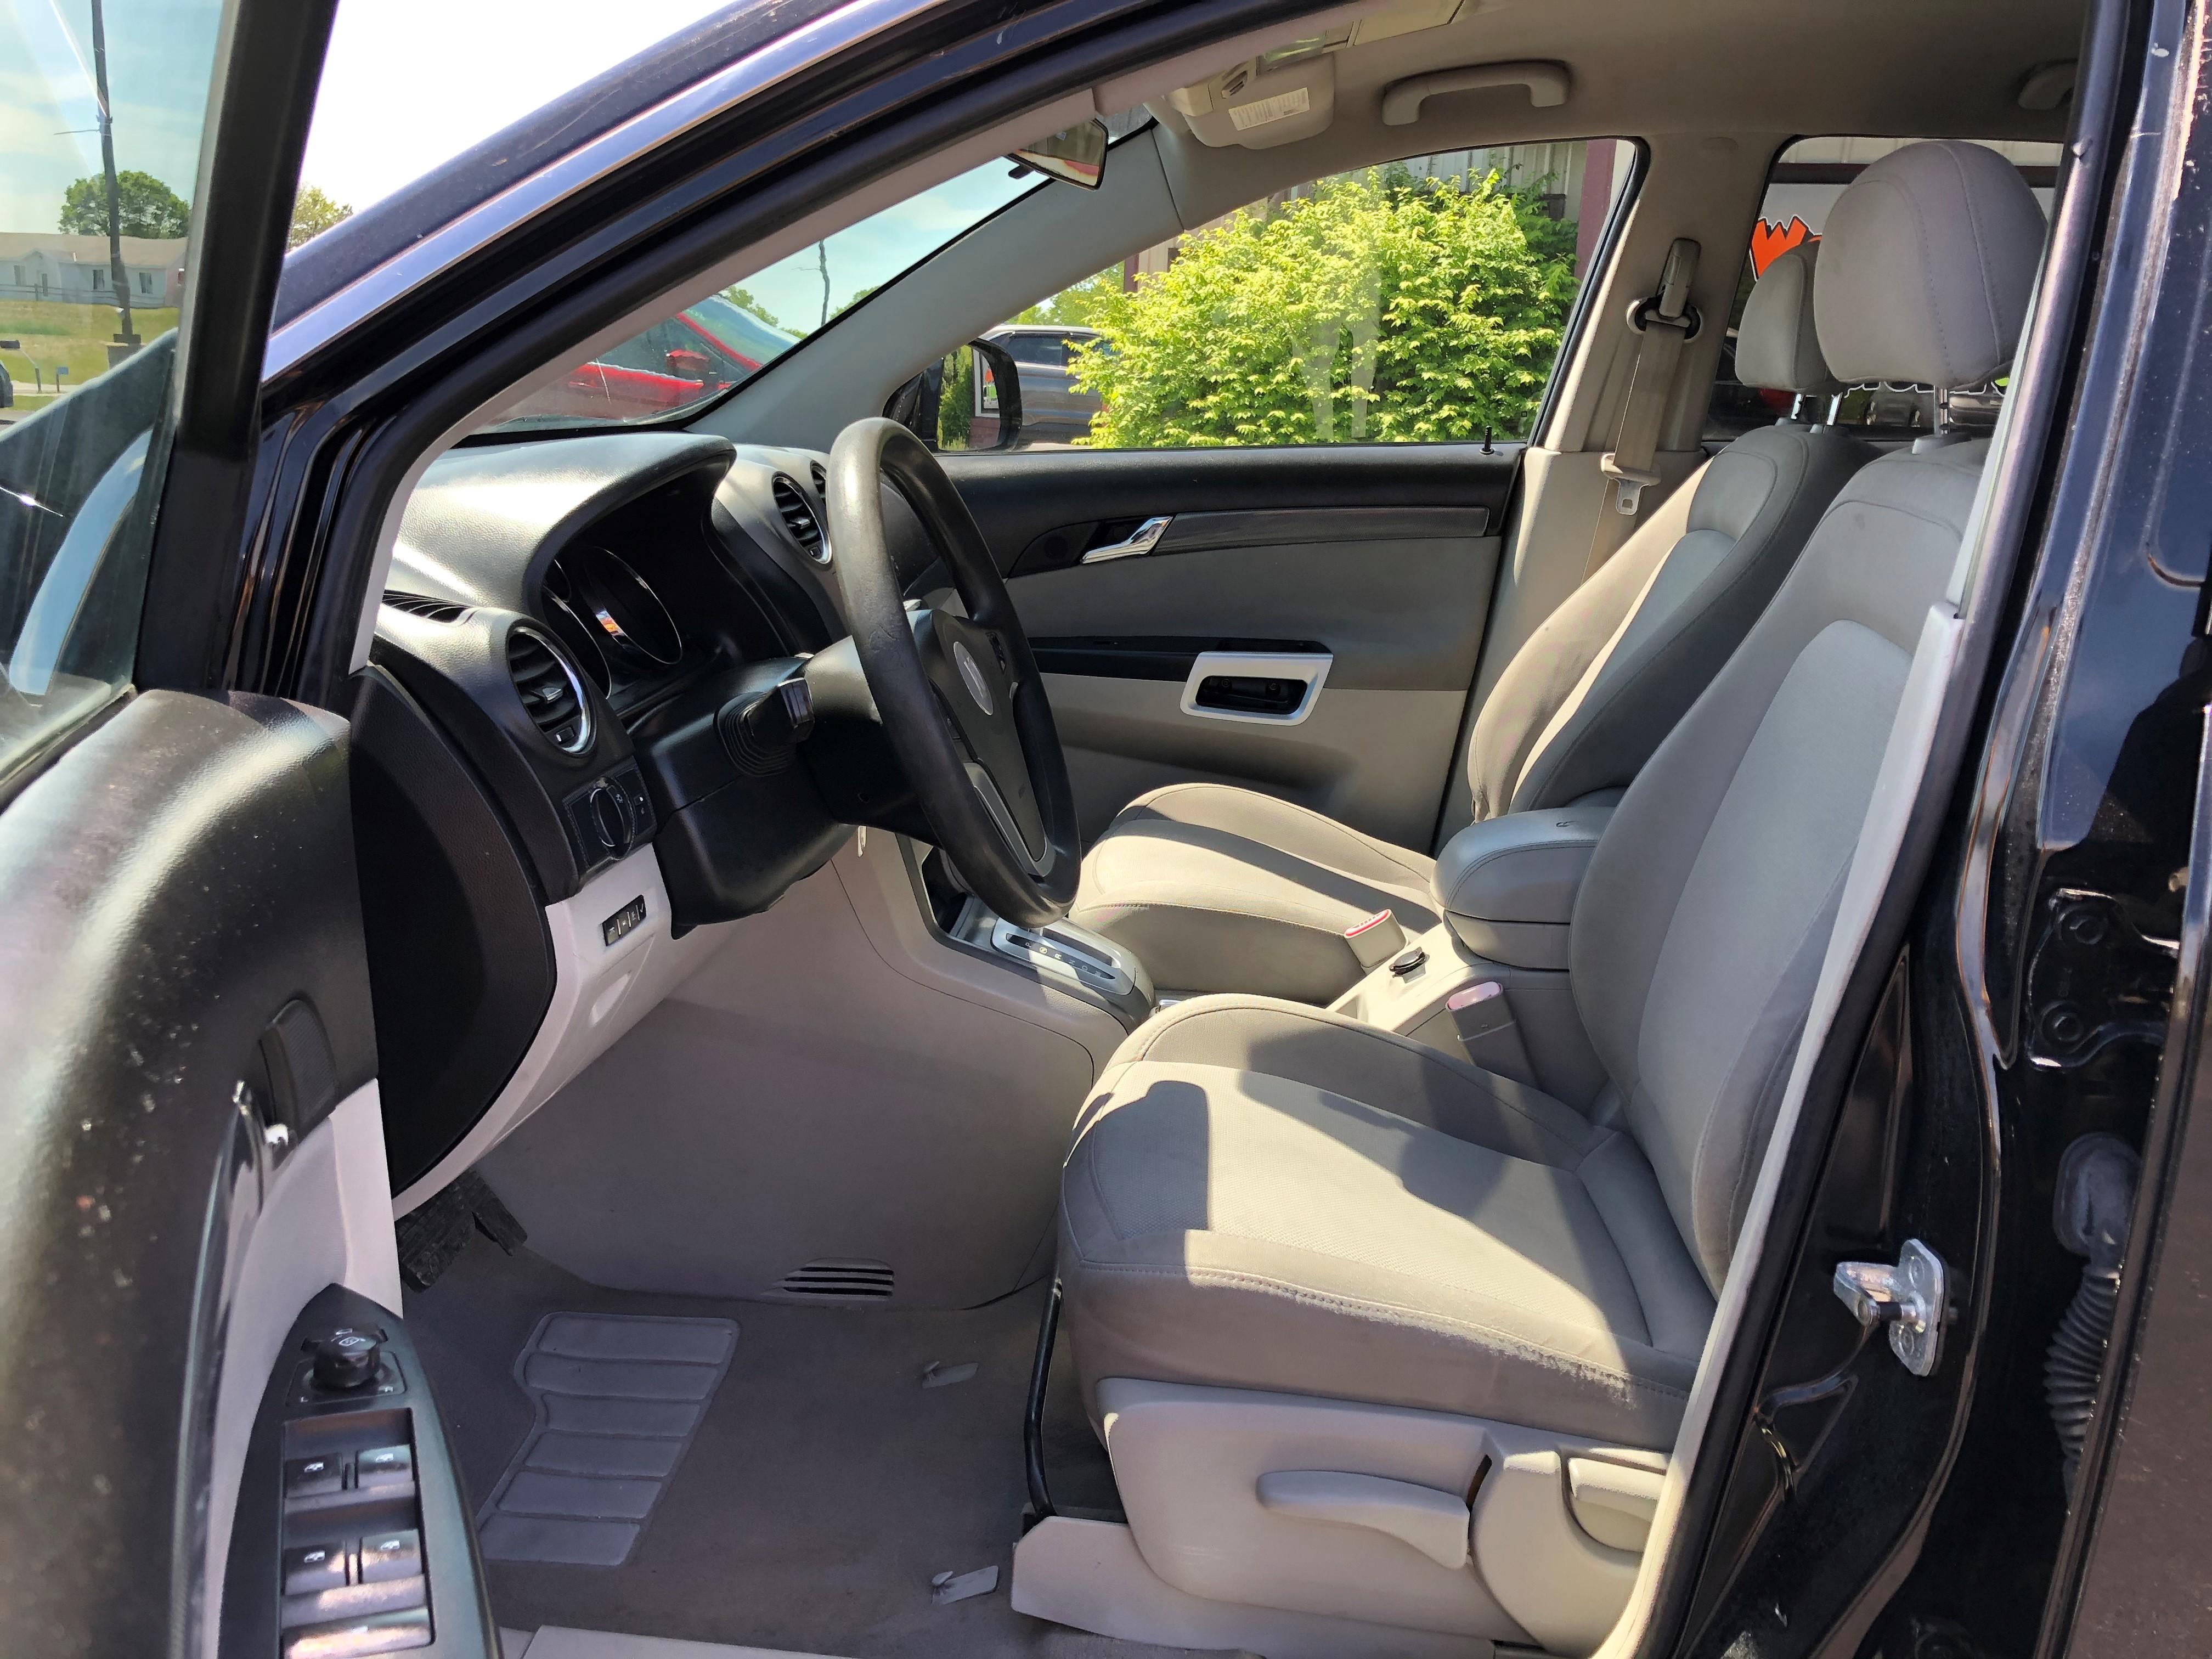 used vehicle - SUV SATURN VUE 2009